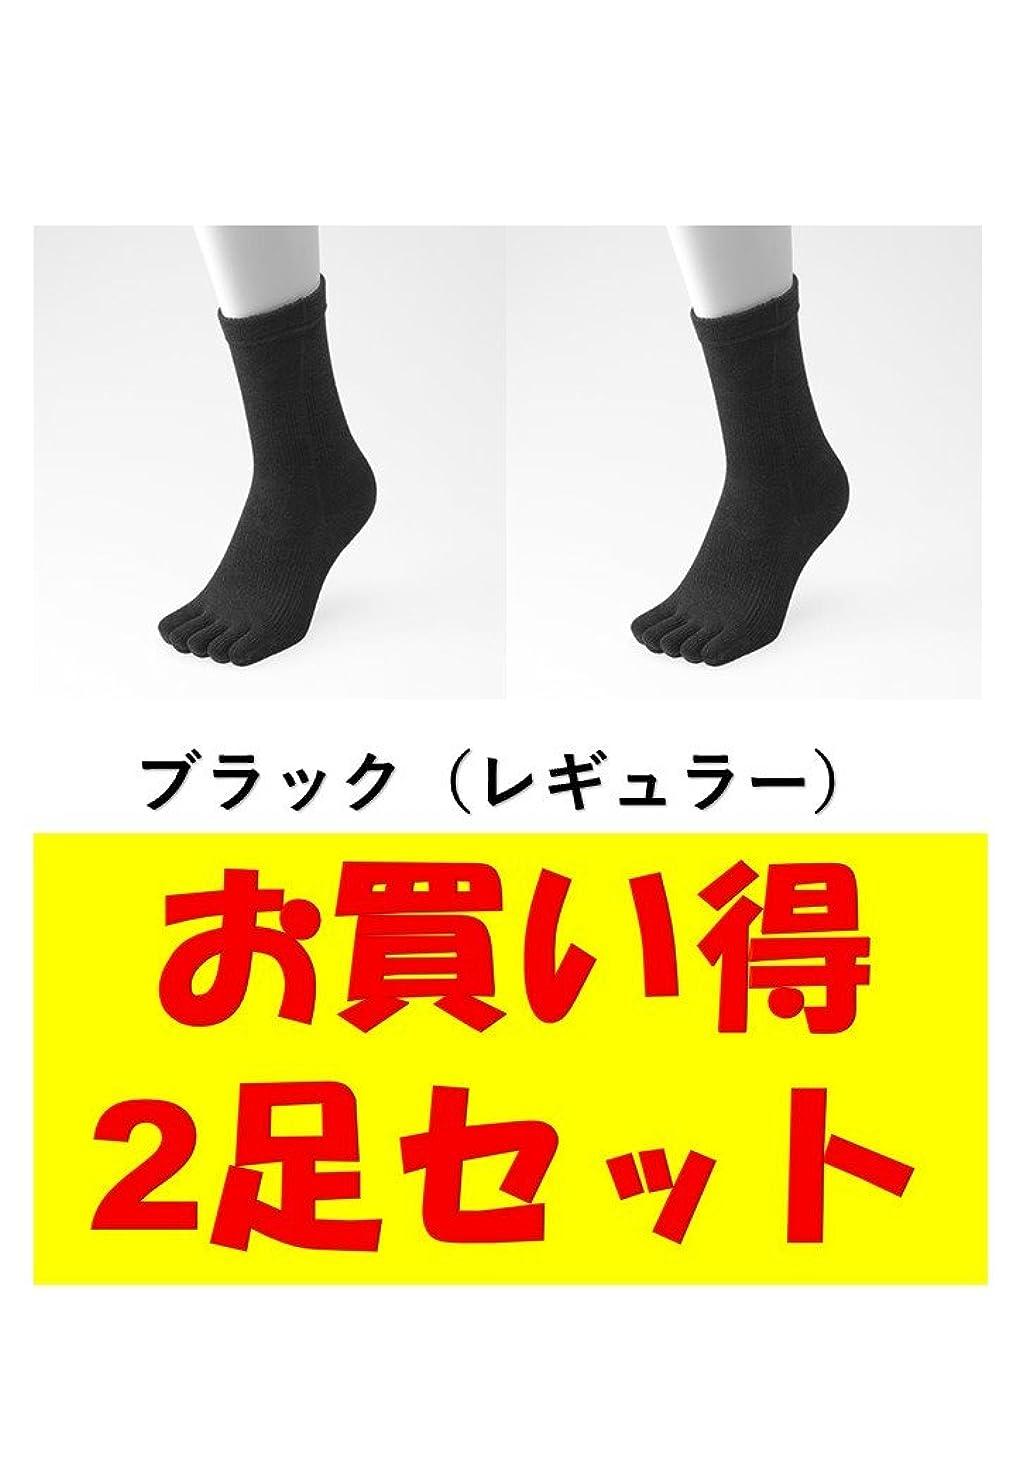 結婚式洞察力触覚お買い得2足セット 5本指 ゆびのばソックス ゆびのばレギュラー ブラック 男性用 25.5cm-28.0cm HSREGR-BLK